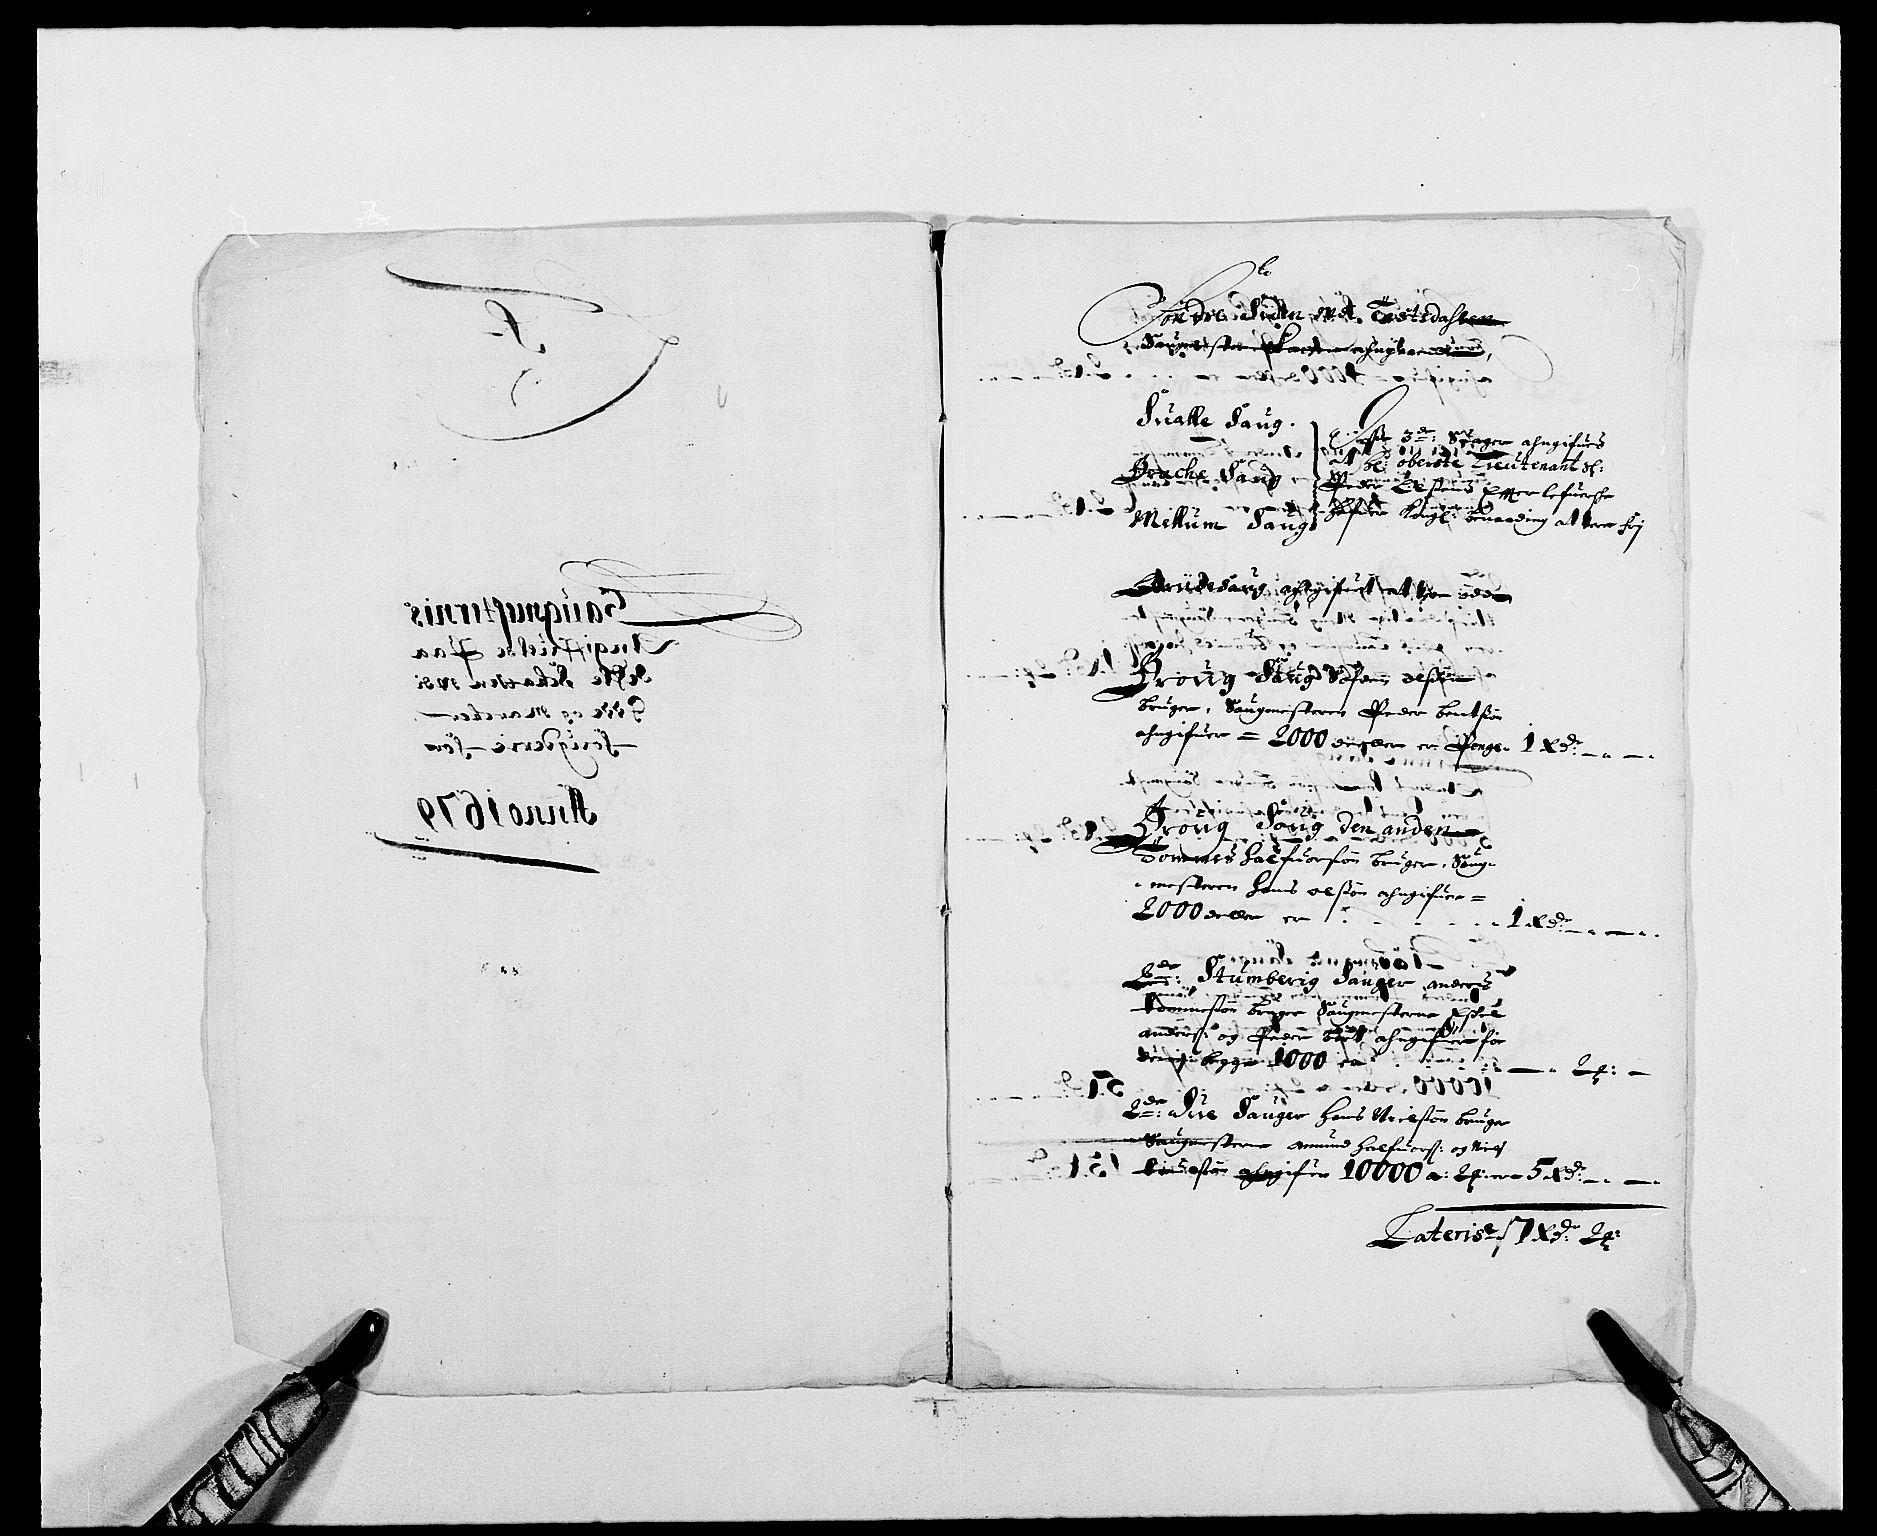 RA, Rentekammeret inntil 1814, Reviderte regnskaper, Fogderegnskap, R01/L0001: Fogderegnskap Idd og Marker, 1678-1679, s. 472